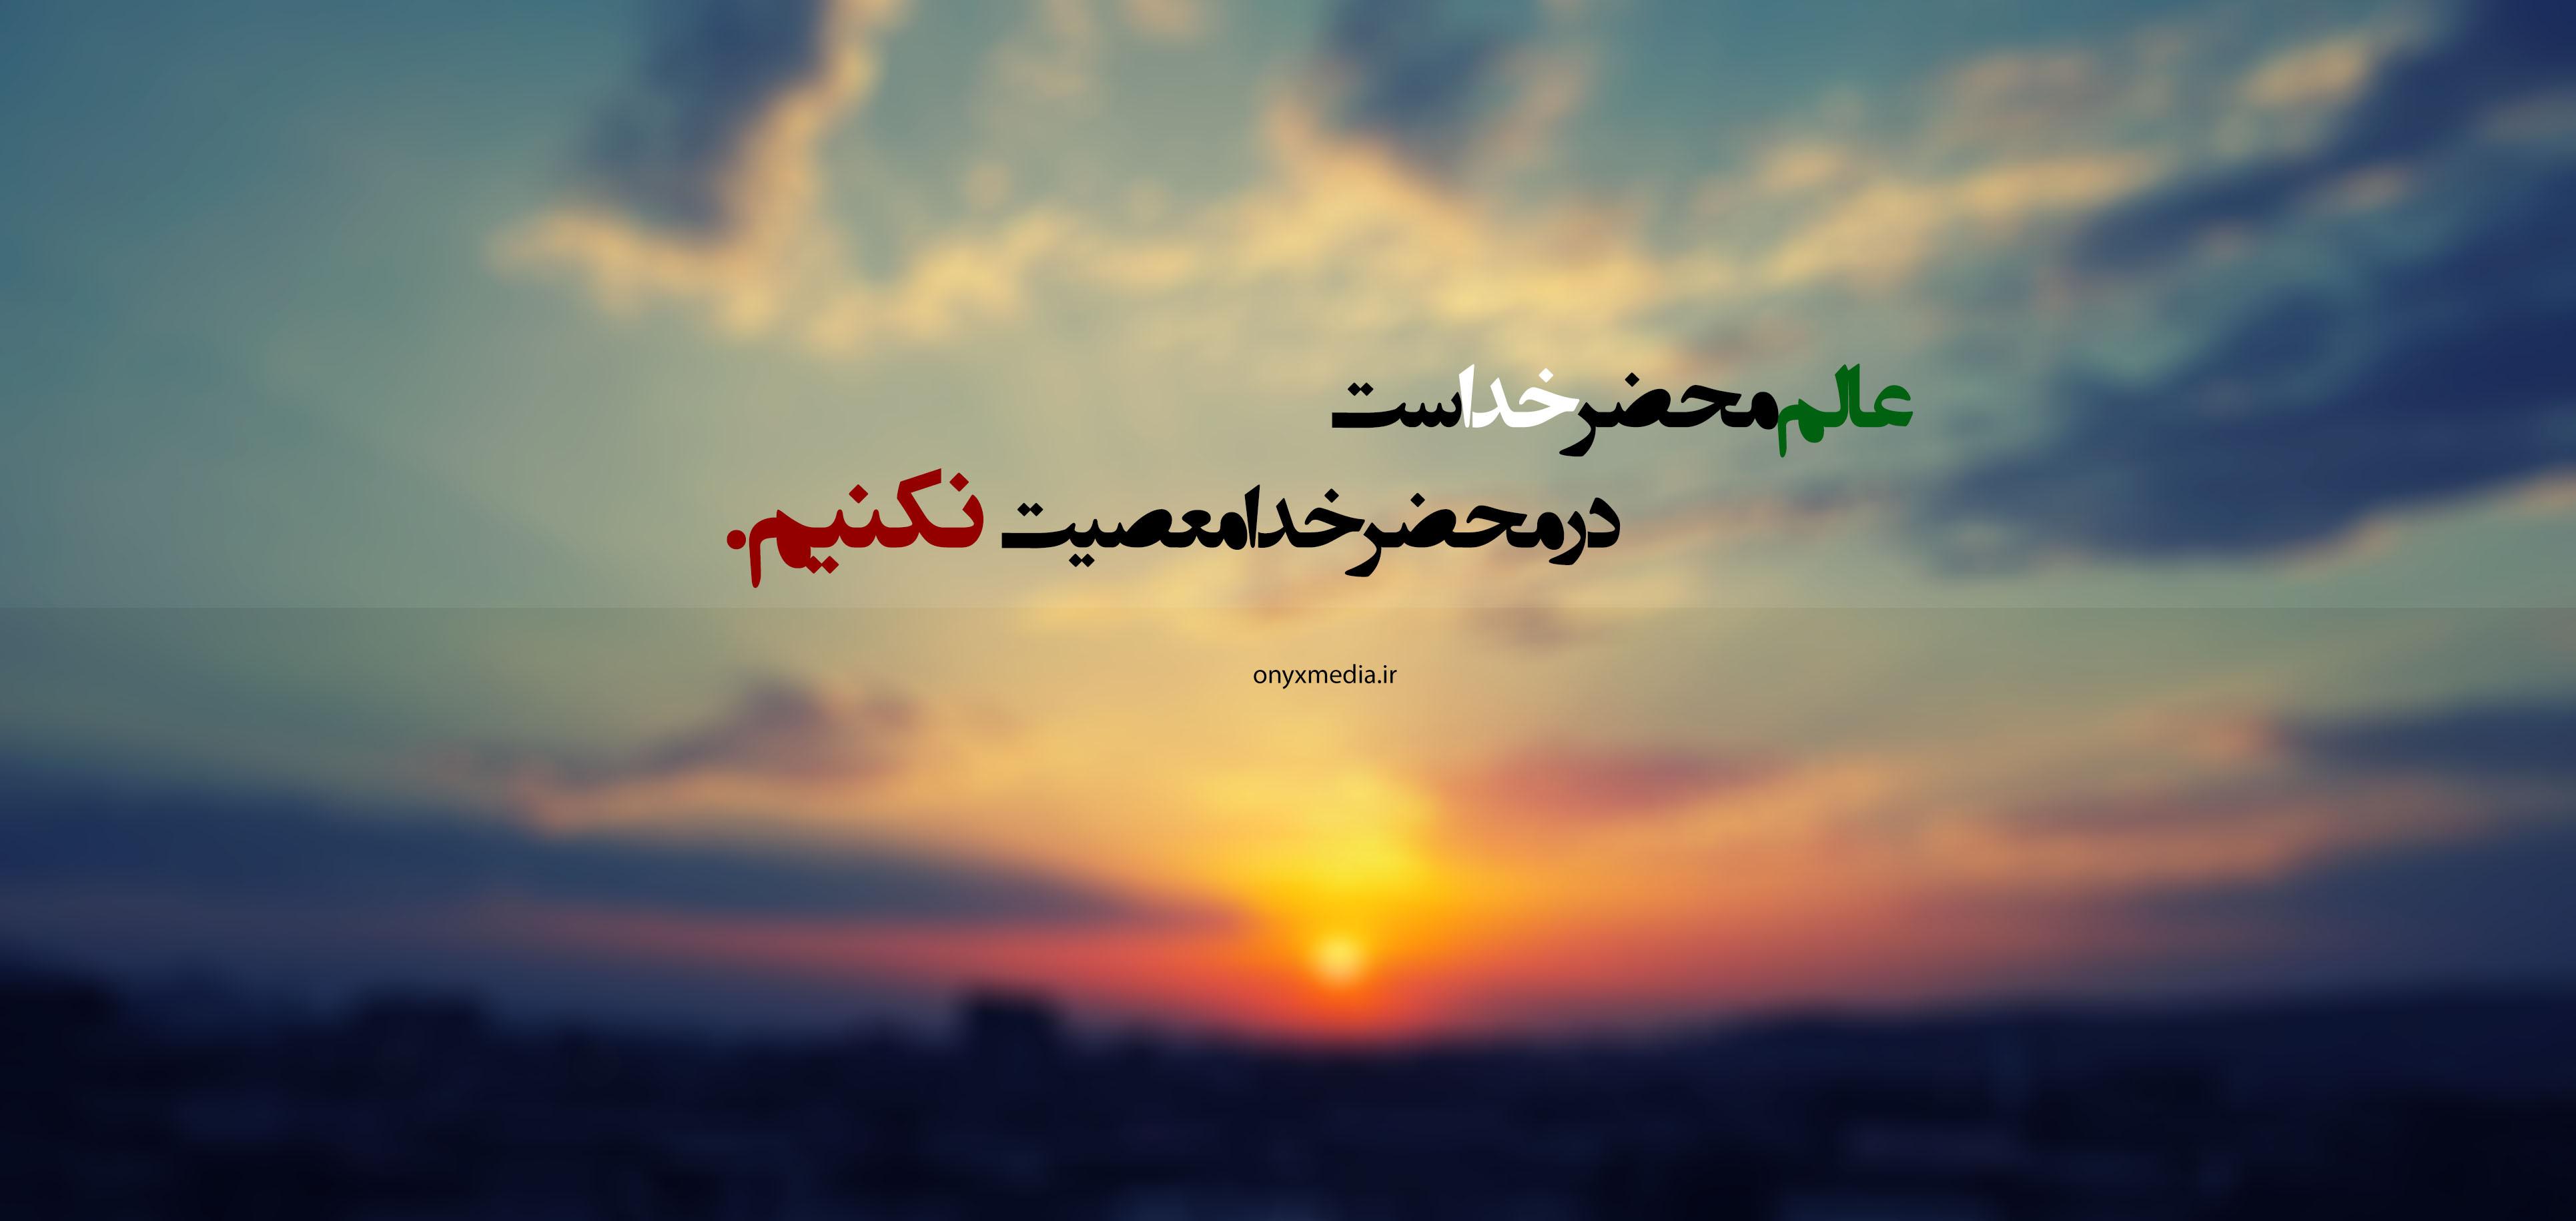 عکس نوشته «عالم محضر...»